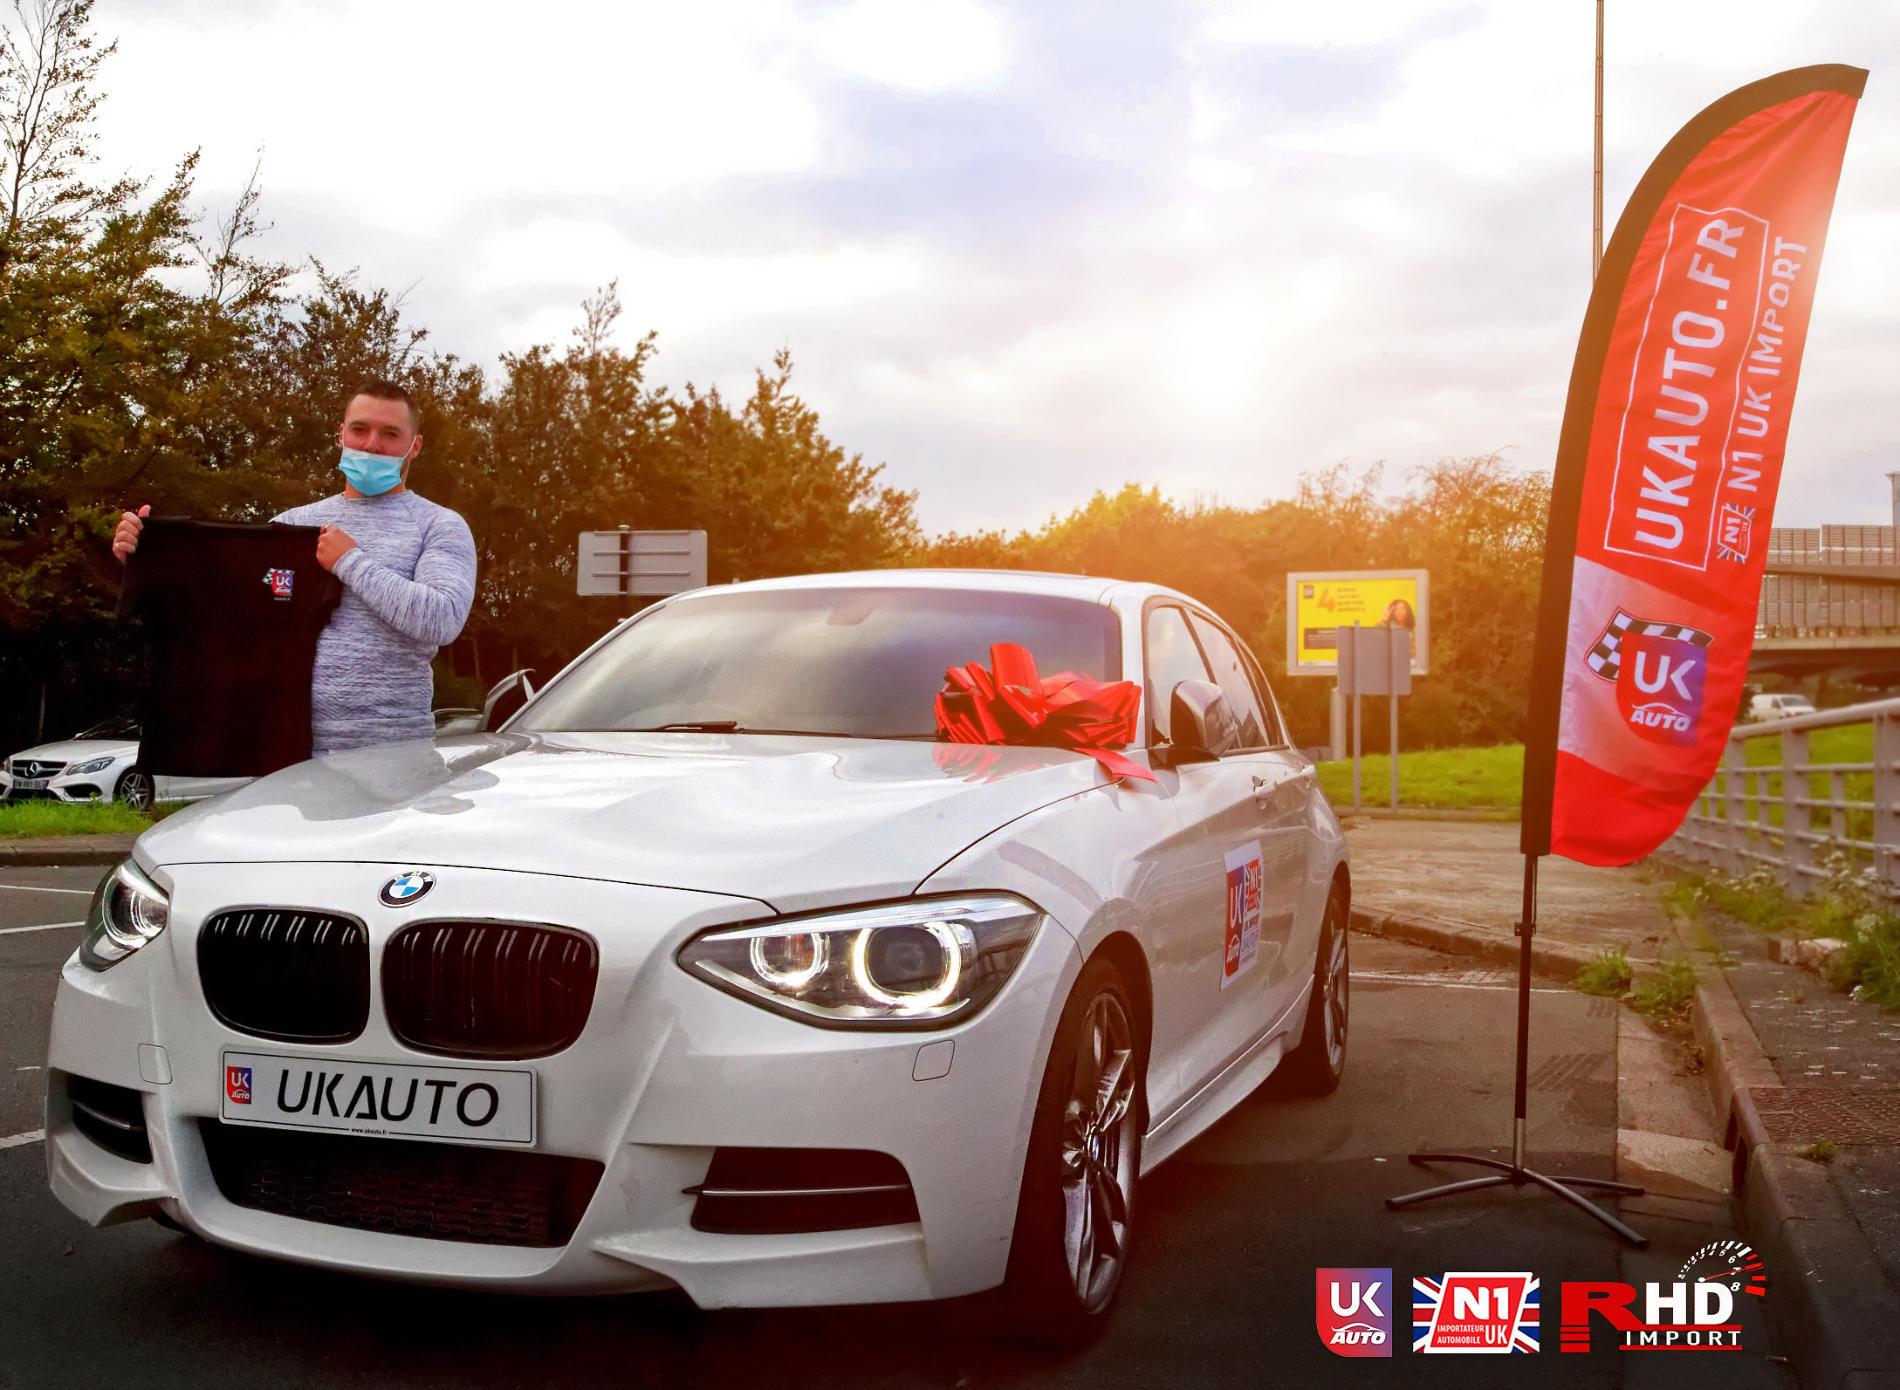 BMW RHD BMW VOLANT A DROITE IMPORT BMW M135i RHD PARFAIT BMW OCCASION POUR NOTRE CLIENT SEBASTIEN TOUTES NOS FELICITATIONS15 - BMW RHD BMW VOLANT A DROITE IMPORT BMW M135i RHD PARFAIT BMW OCCASION POUR NOTRE CLIENT SEBASTIEN TOUTES NOS FELICITATIONS